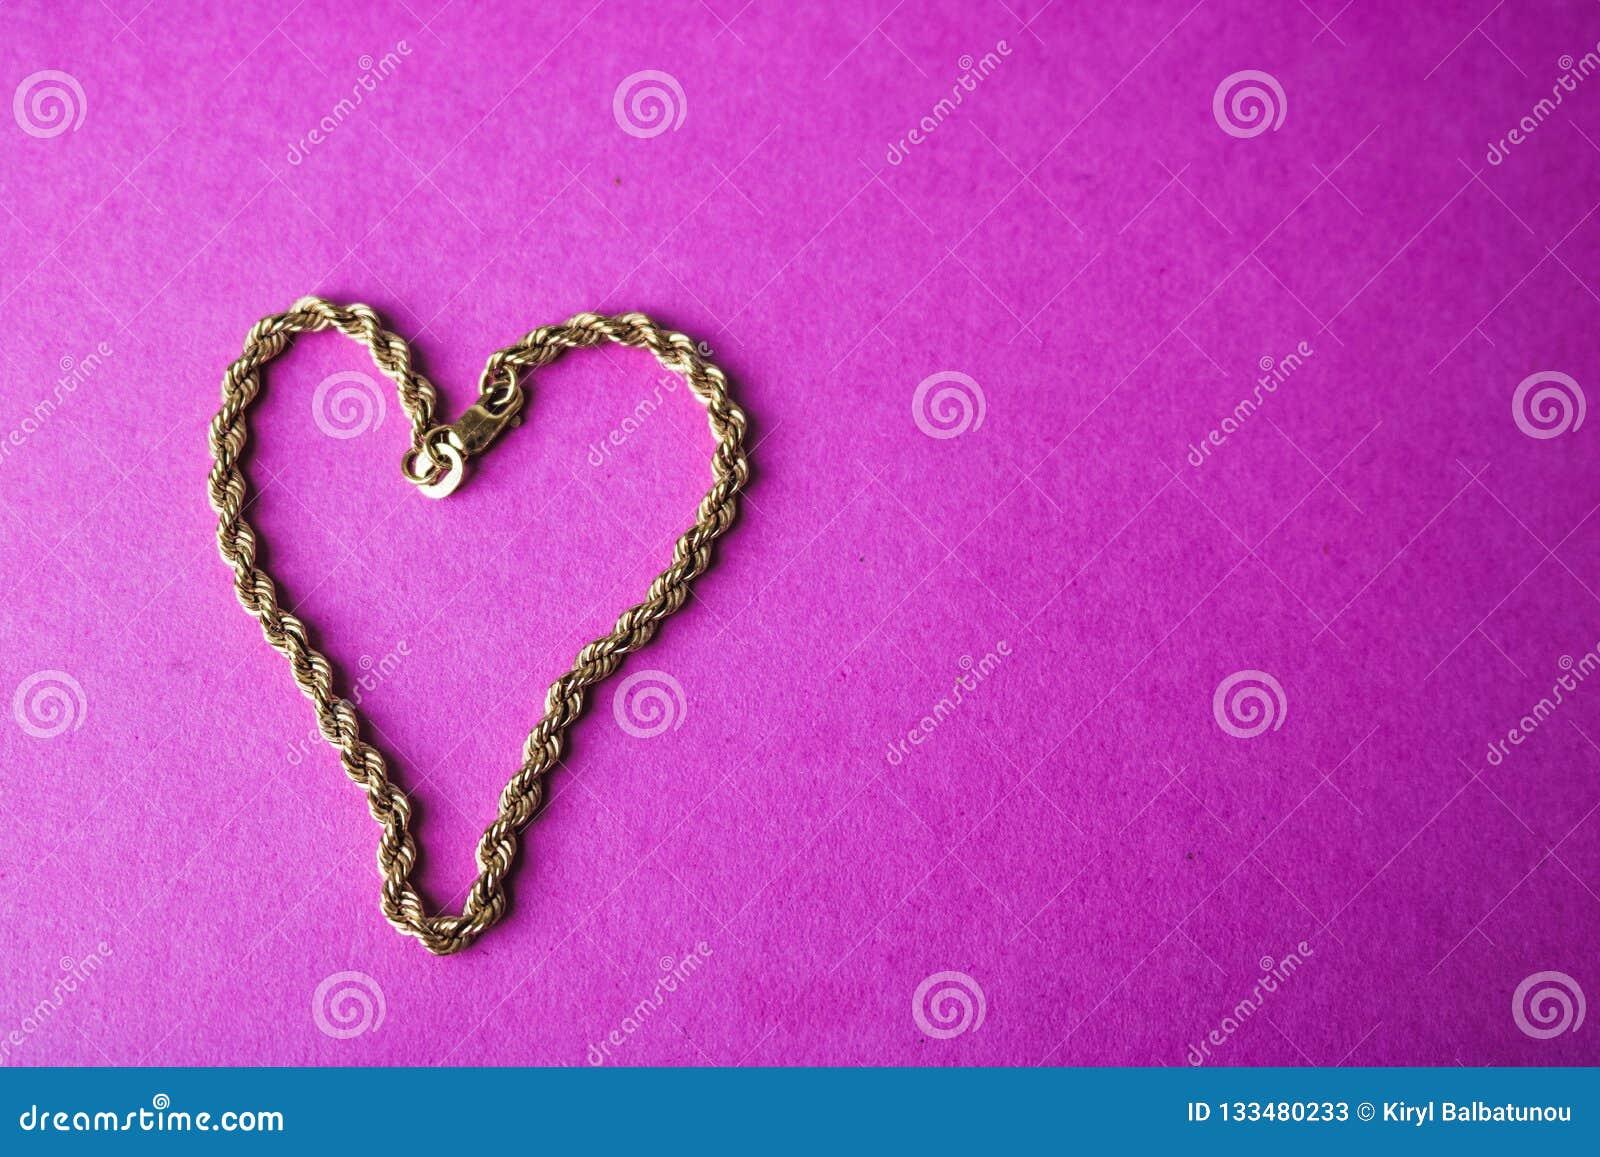 Tekstura piękny złoty świąteczny łańcuszkowy unikalny tkactwo w formie serca na różowej purpurowej tła i kopii przestrzeni